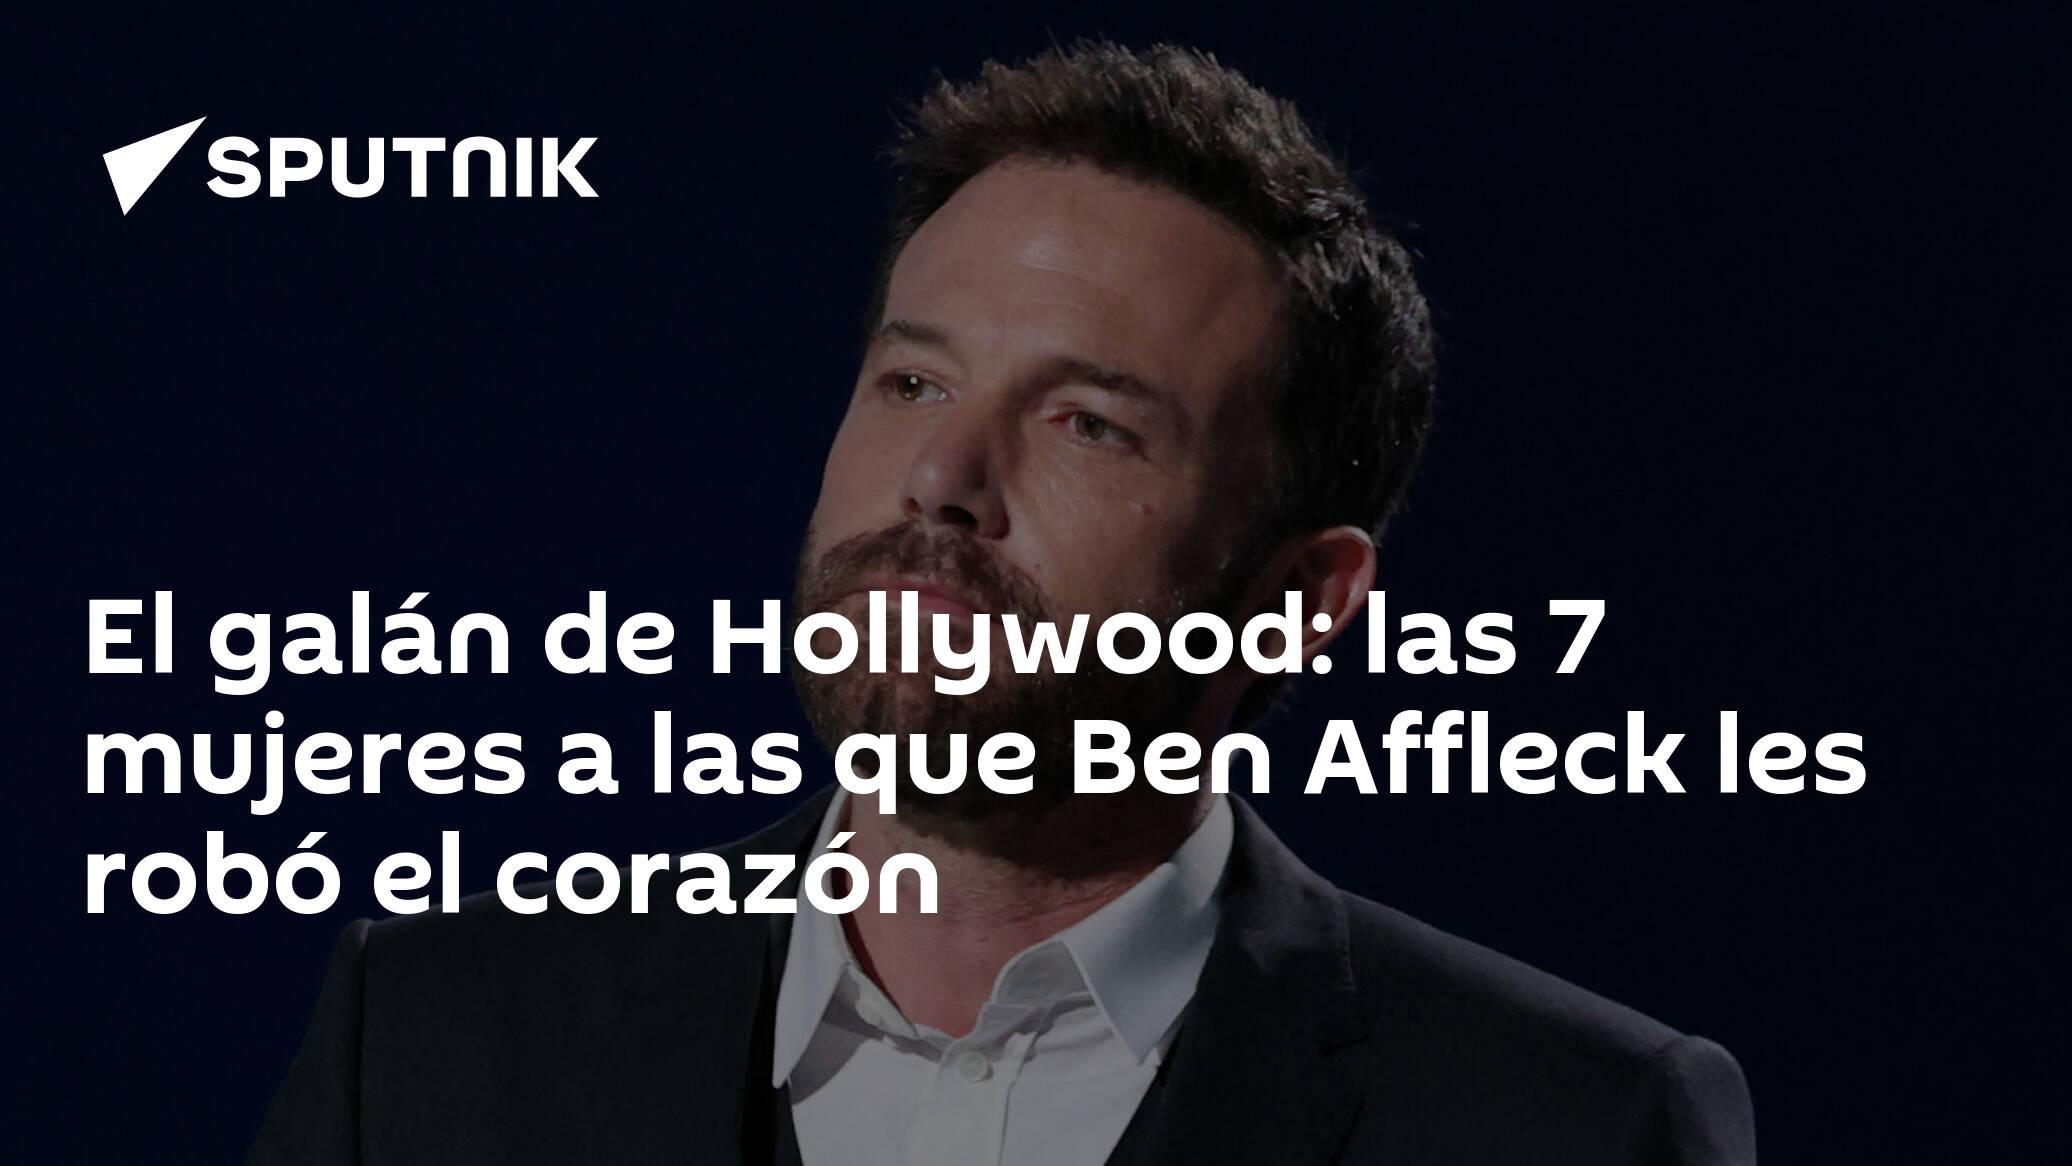 El galan de Hollywood las 7 mujeres a las que